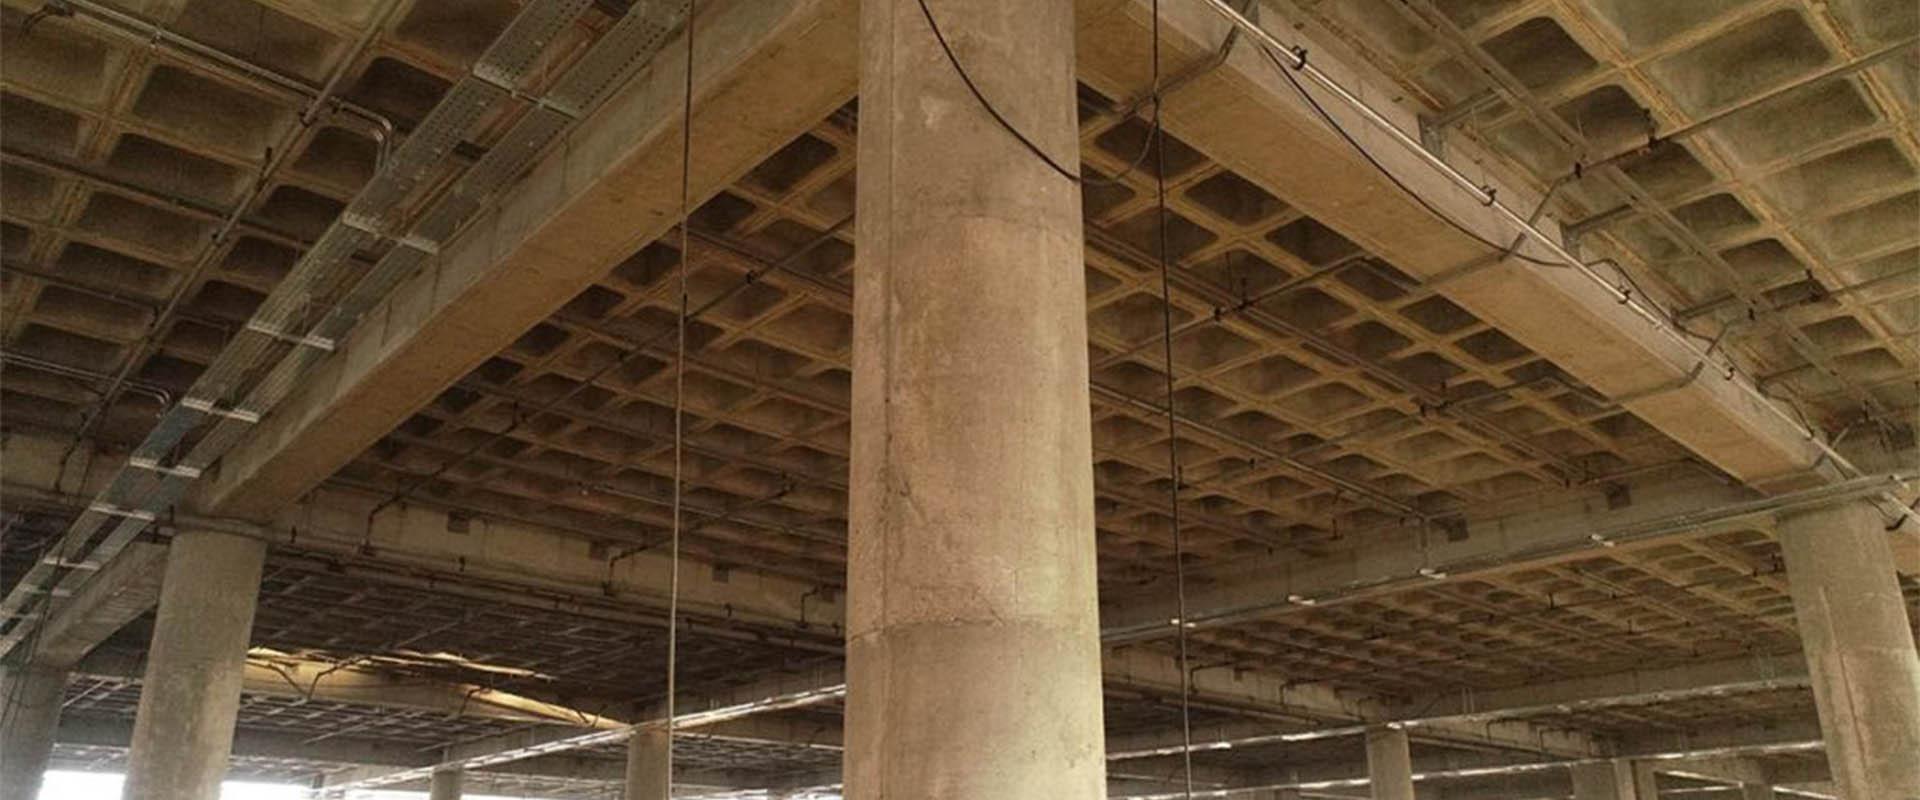 مزایای اسکلت فلزی سقف وافل